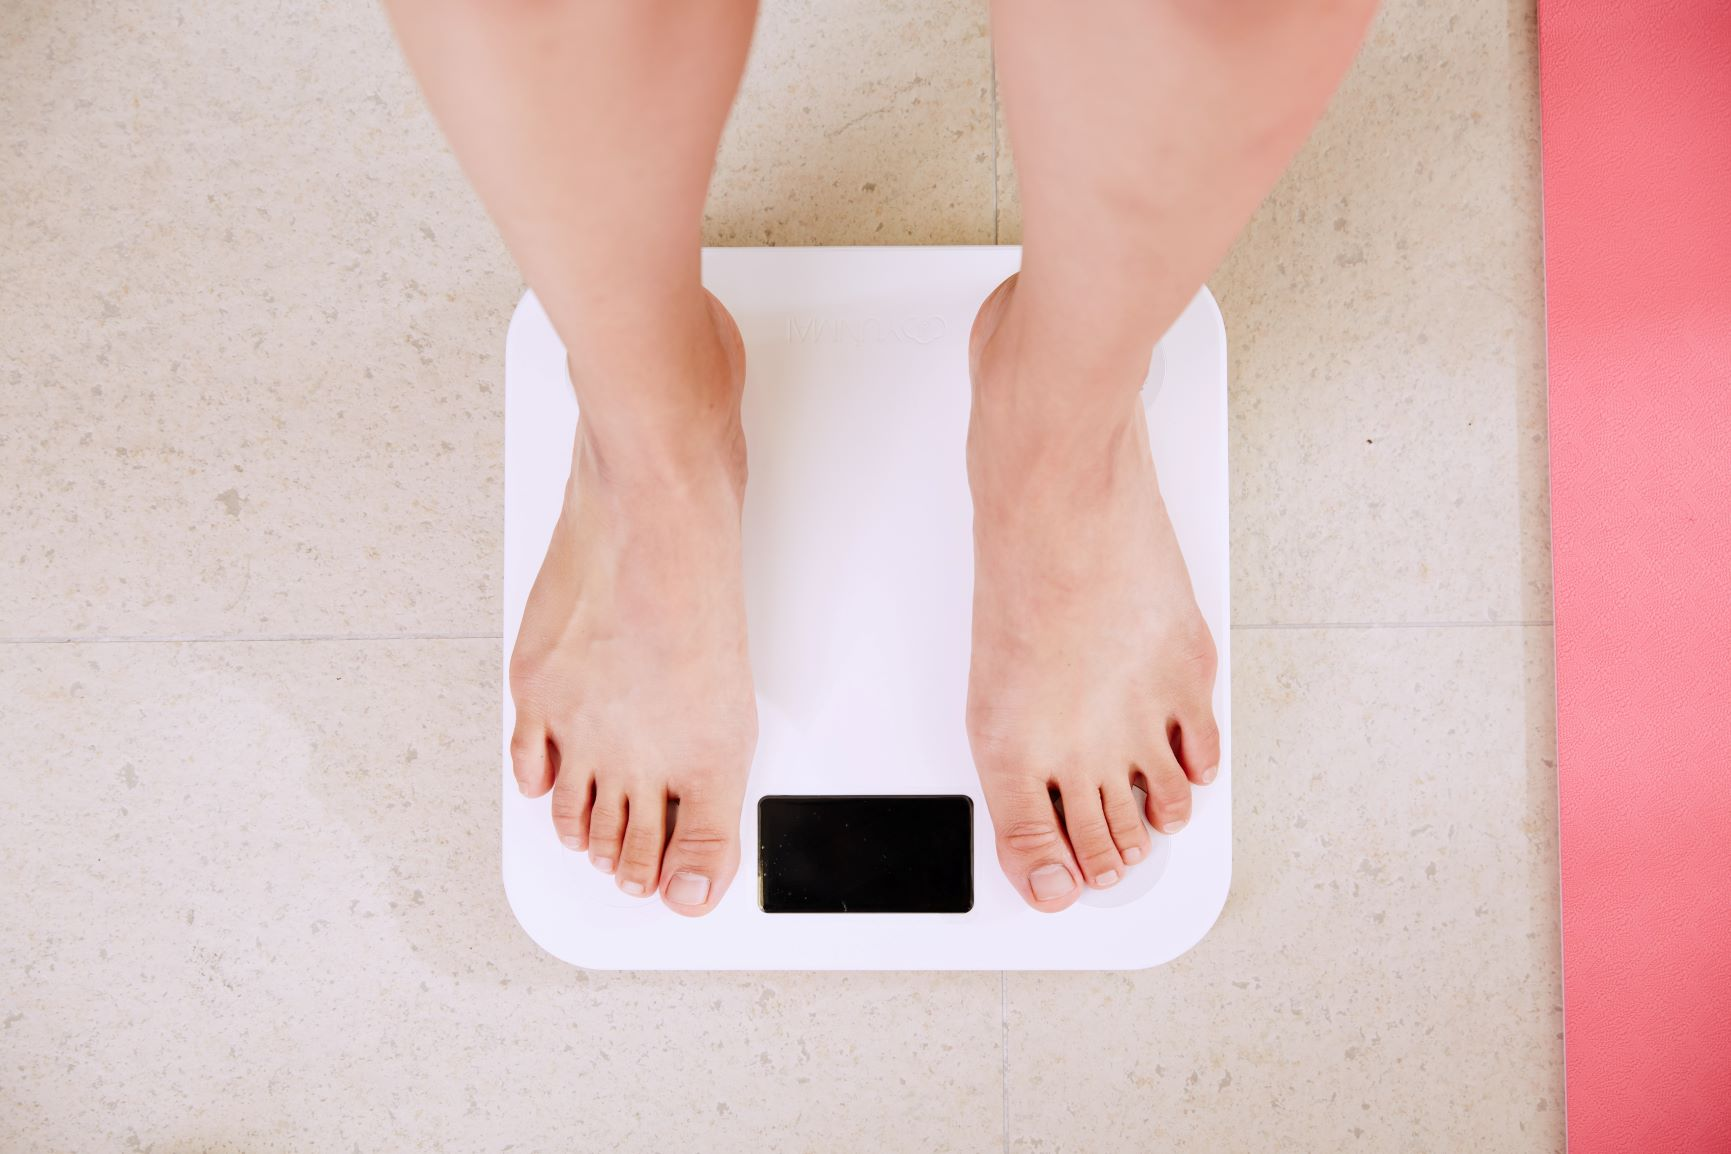 ik val niet af ondanks dieet